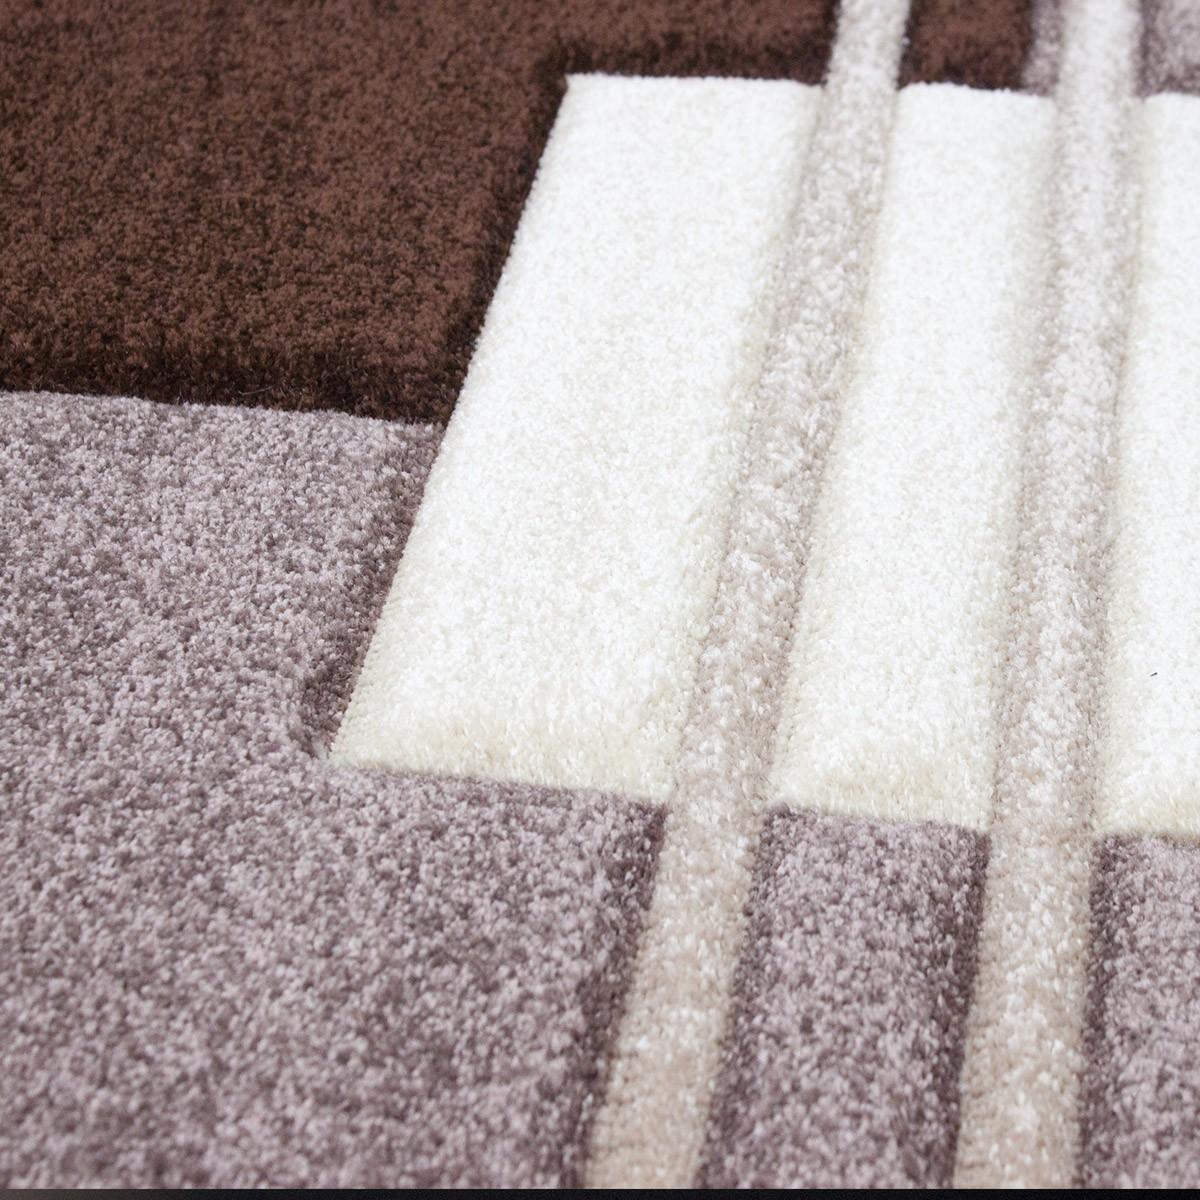 moderner wohnzimmer teppich kariert design konturenschnitt. Black Bedroom Furniture Sets. Home Design Ideas